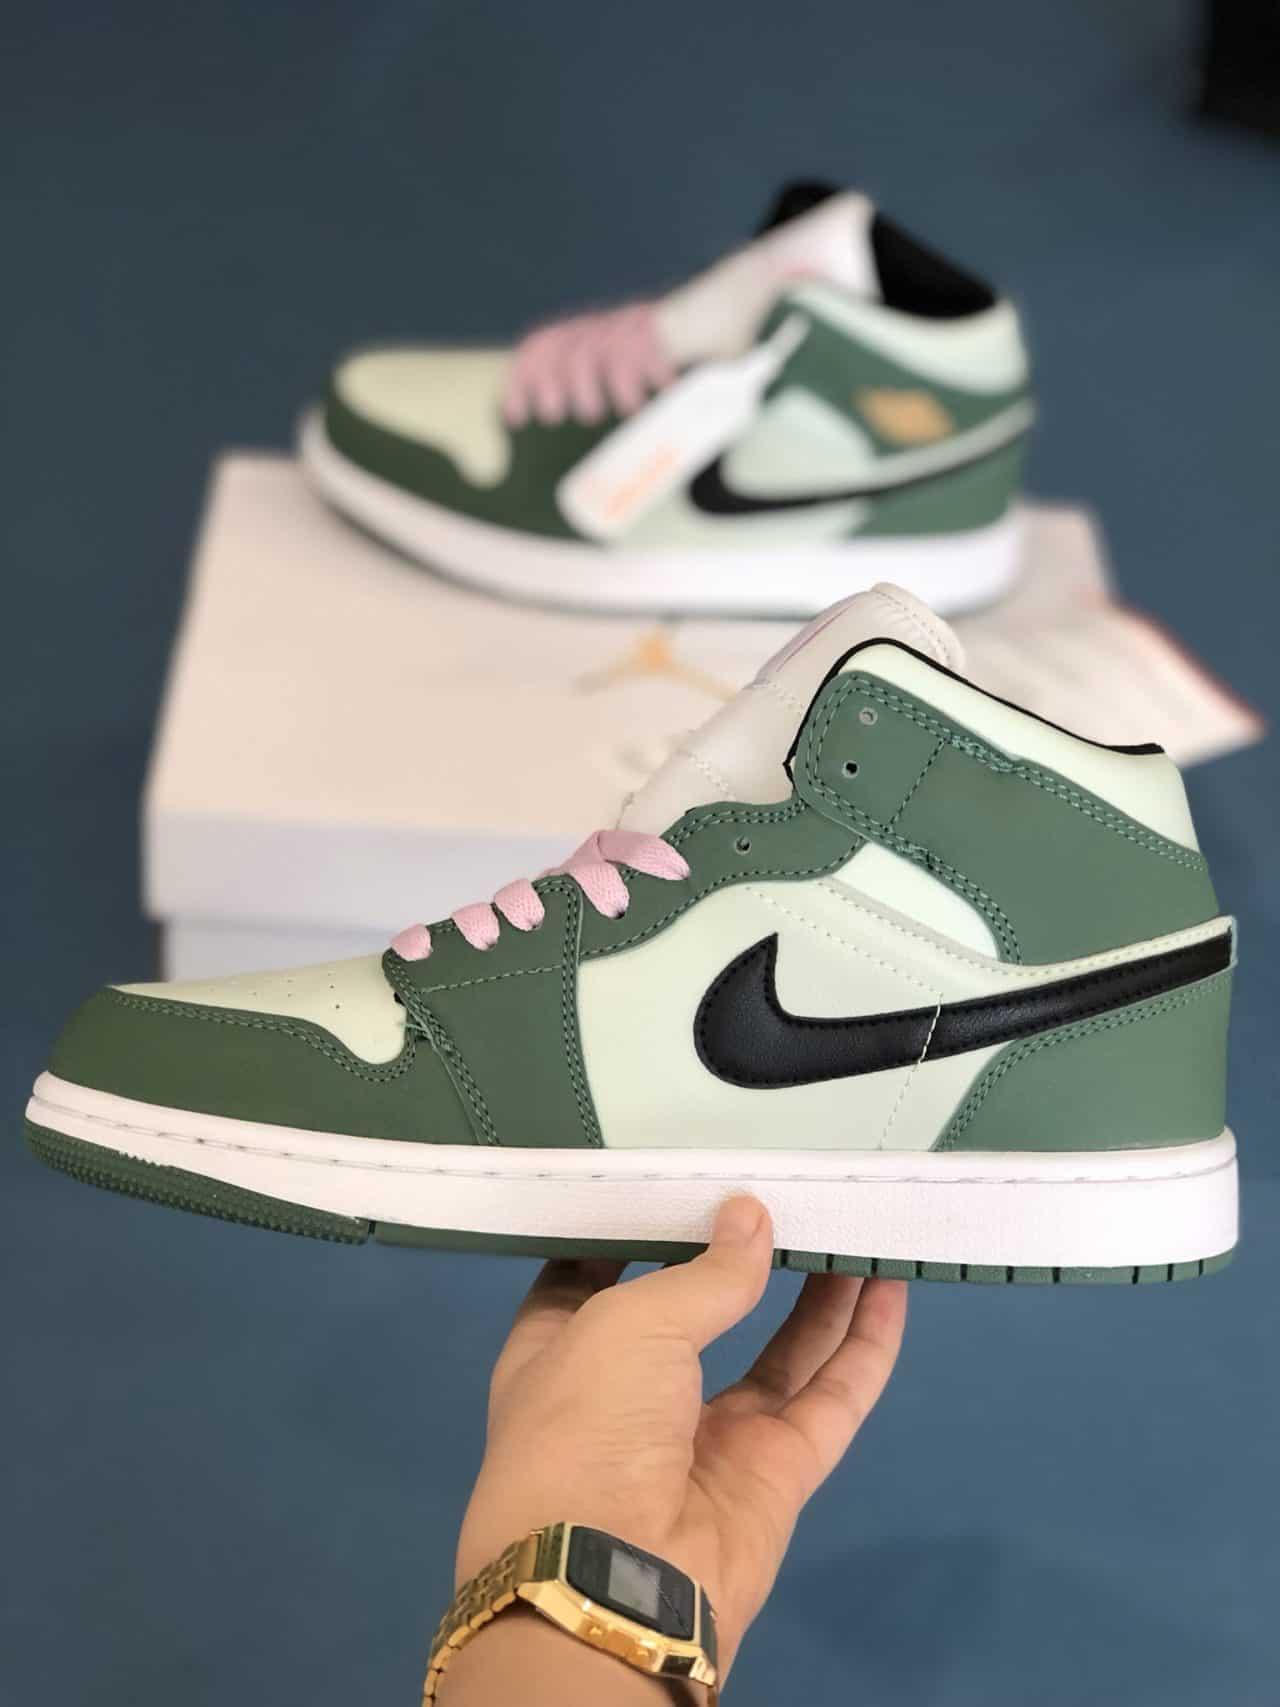 Giày Nike Air Force 1 Green rep 1:1 được các bạn trẻ săn đón mãnh liệt